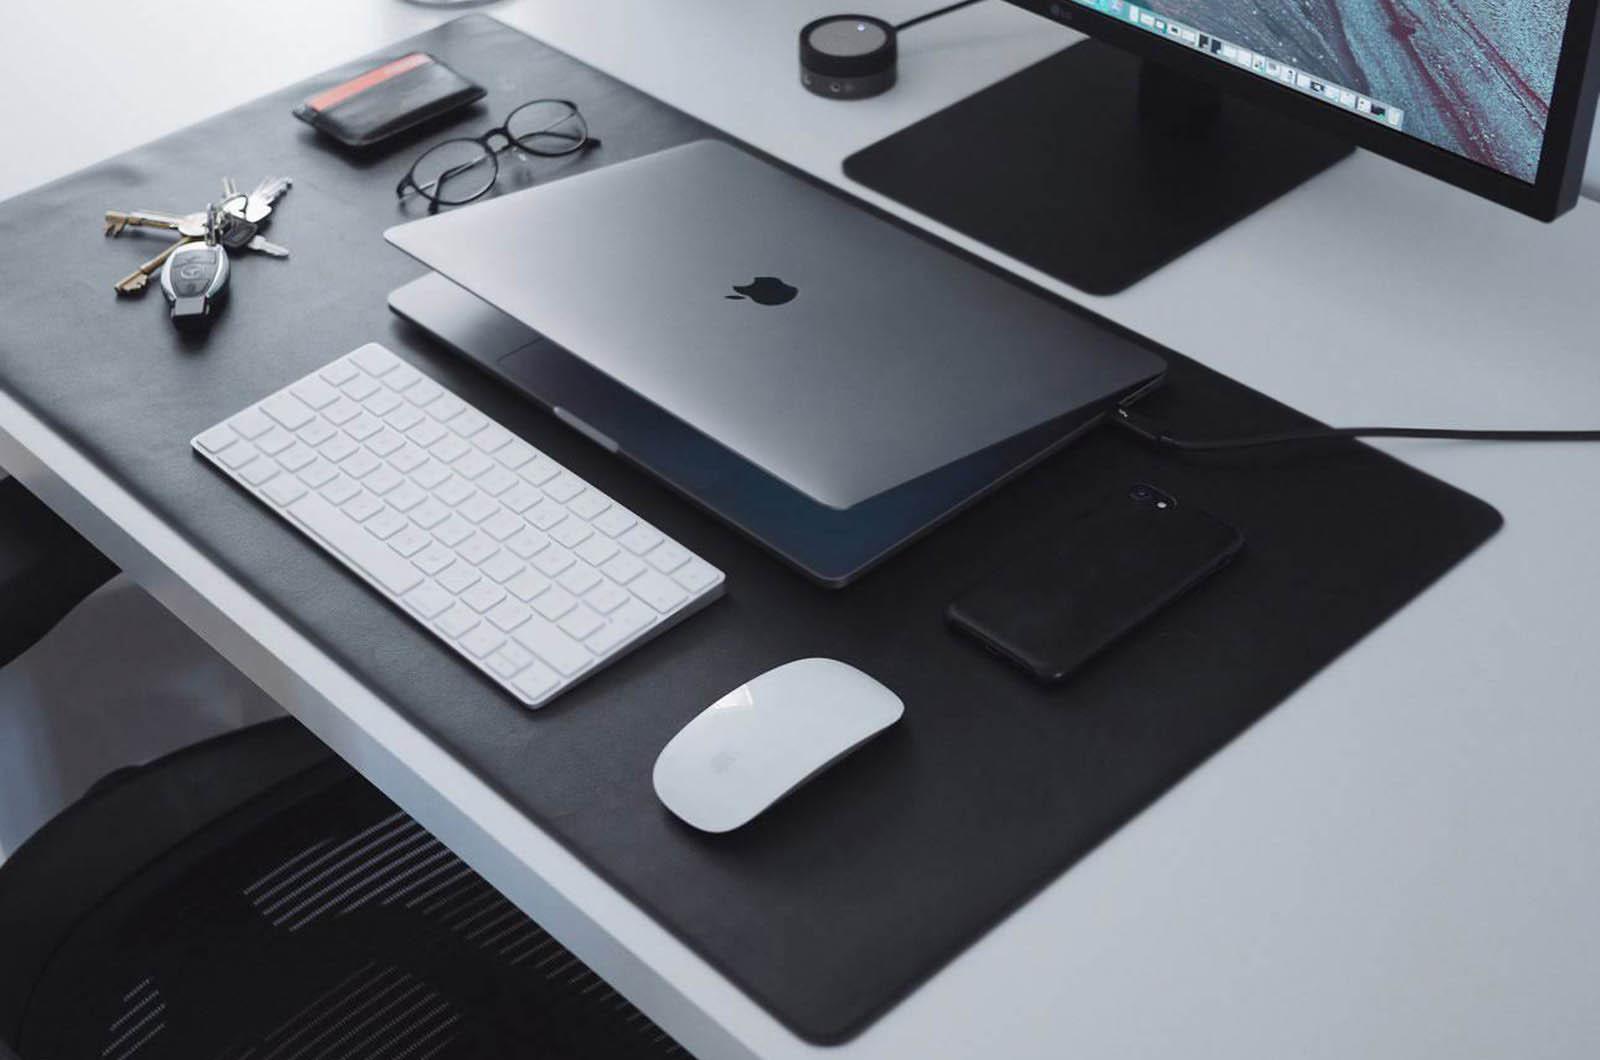 stalo kilimelis dovanos vyrams   verslo dovana naturalios odos ranku darbo laptop kompiuterio  padas stalo uztiesimas gimtadienio jubiliejaus brangios prabangios sukaktuviu dovana vyrui   12